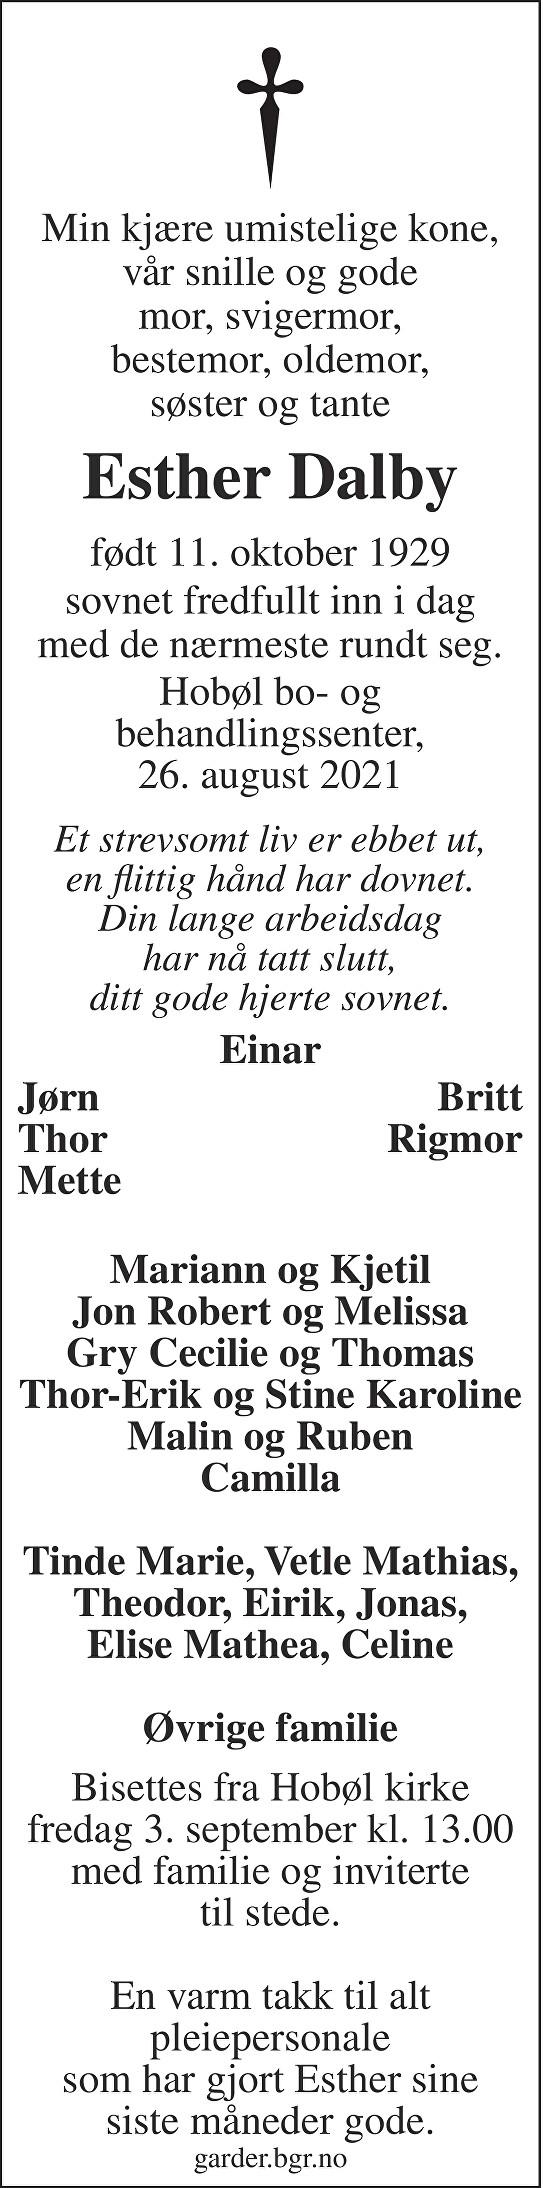 Esther Dalby Dødsannonse